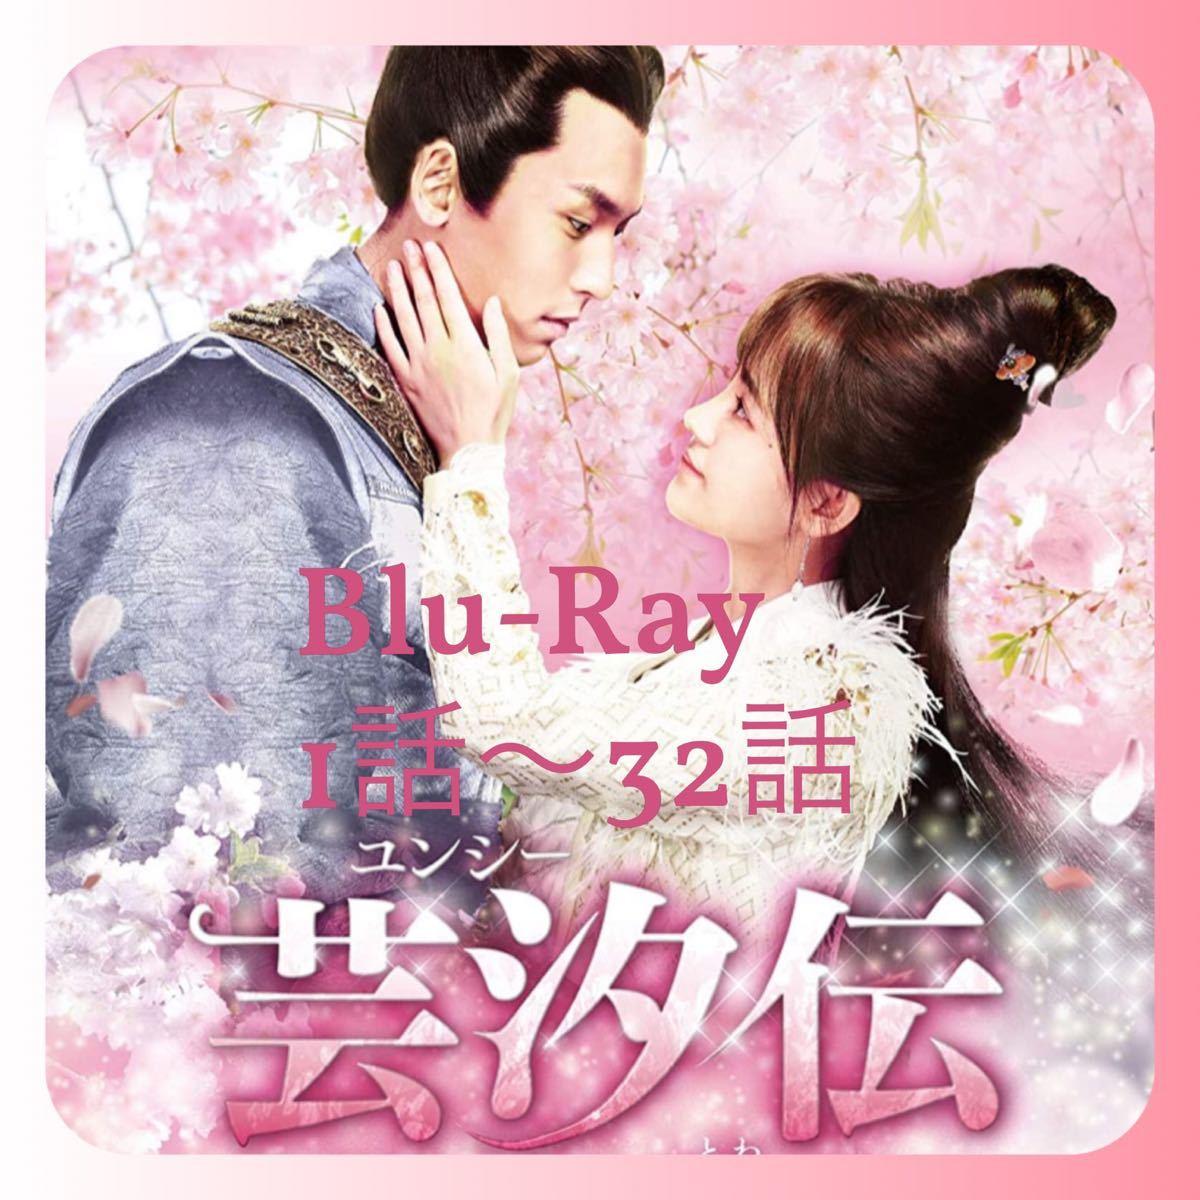 中国ドラマ 芸汐伝-乱世をかける永遠の愛- Blu-Ray1から32話まで(途中)